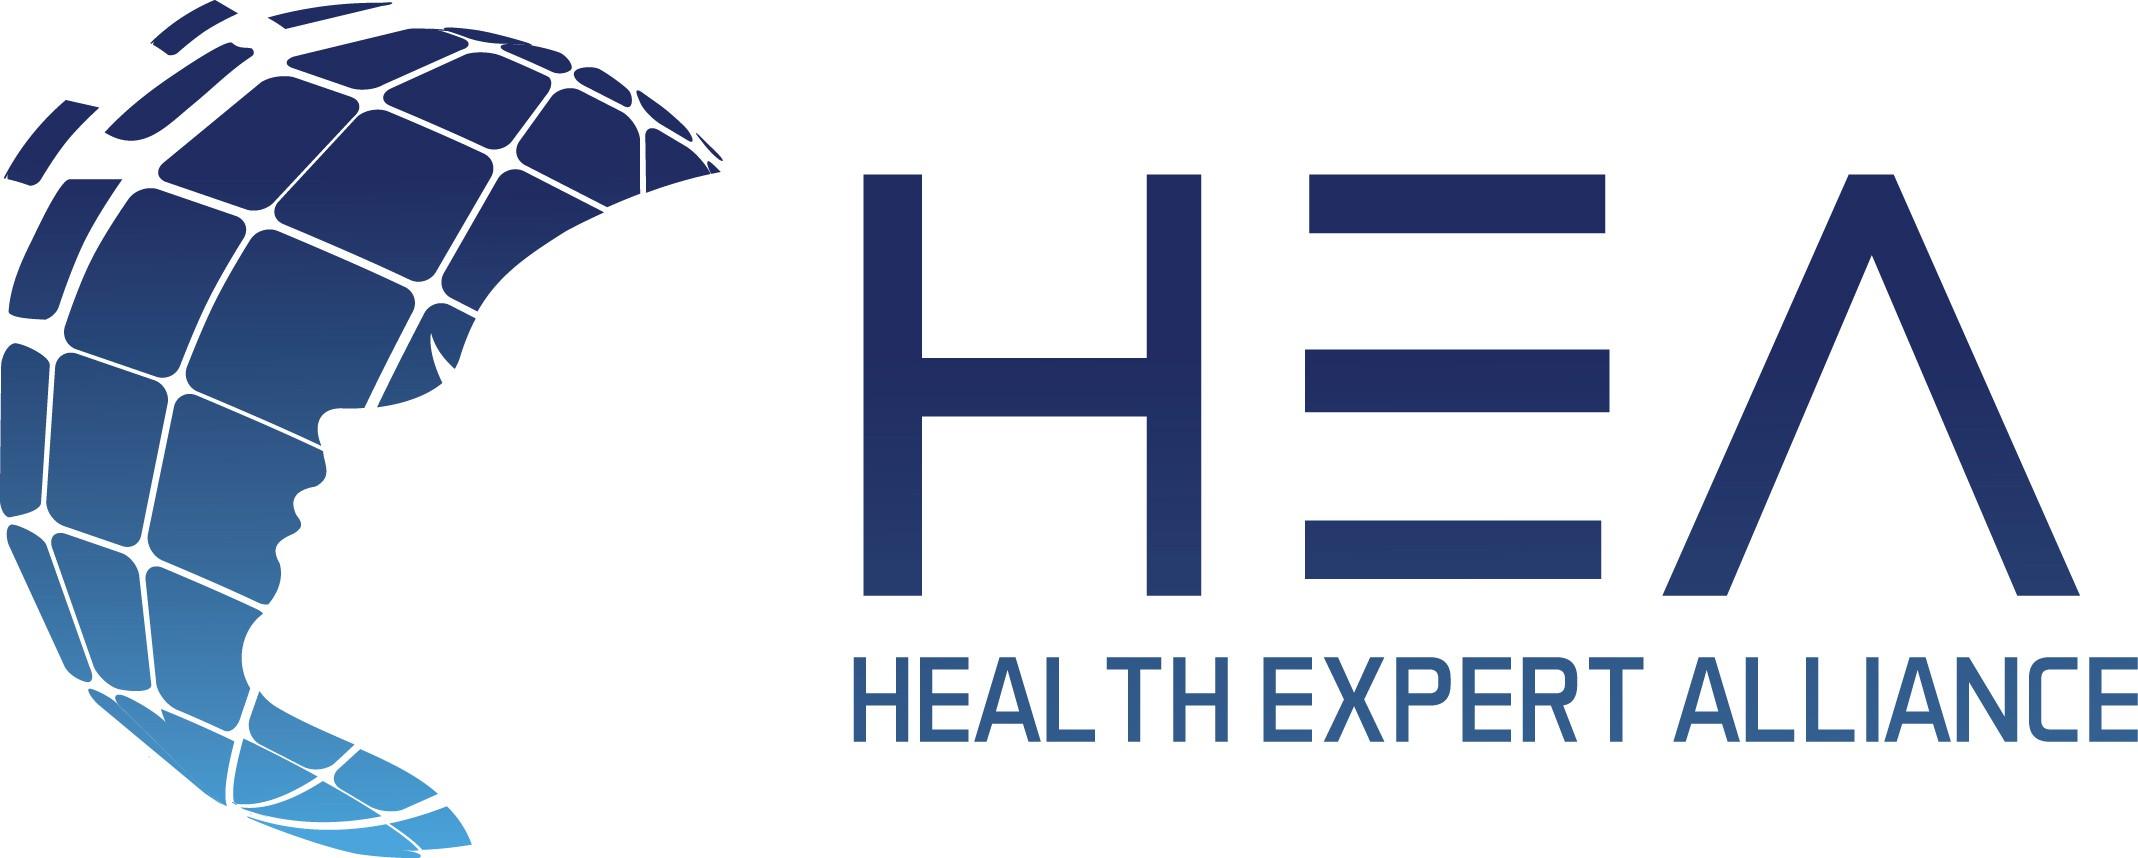 最先端かつ健康系で安心感のある、多くの人の印象に残るような弊社の看板となる企業ロゴを求めています!